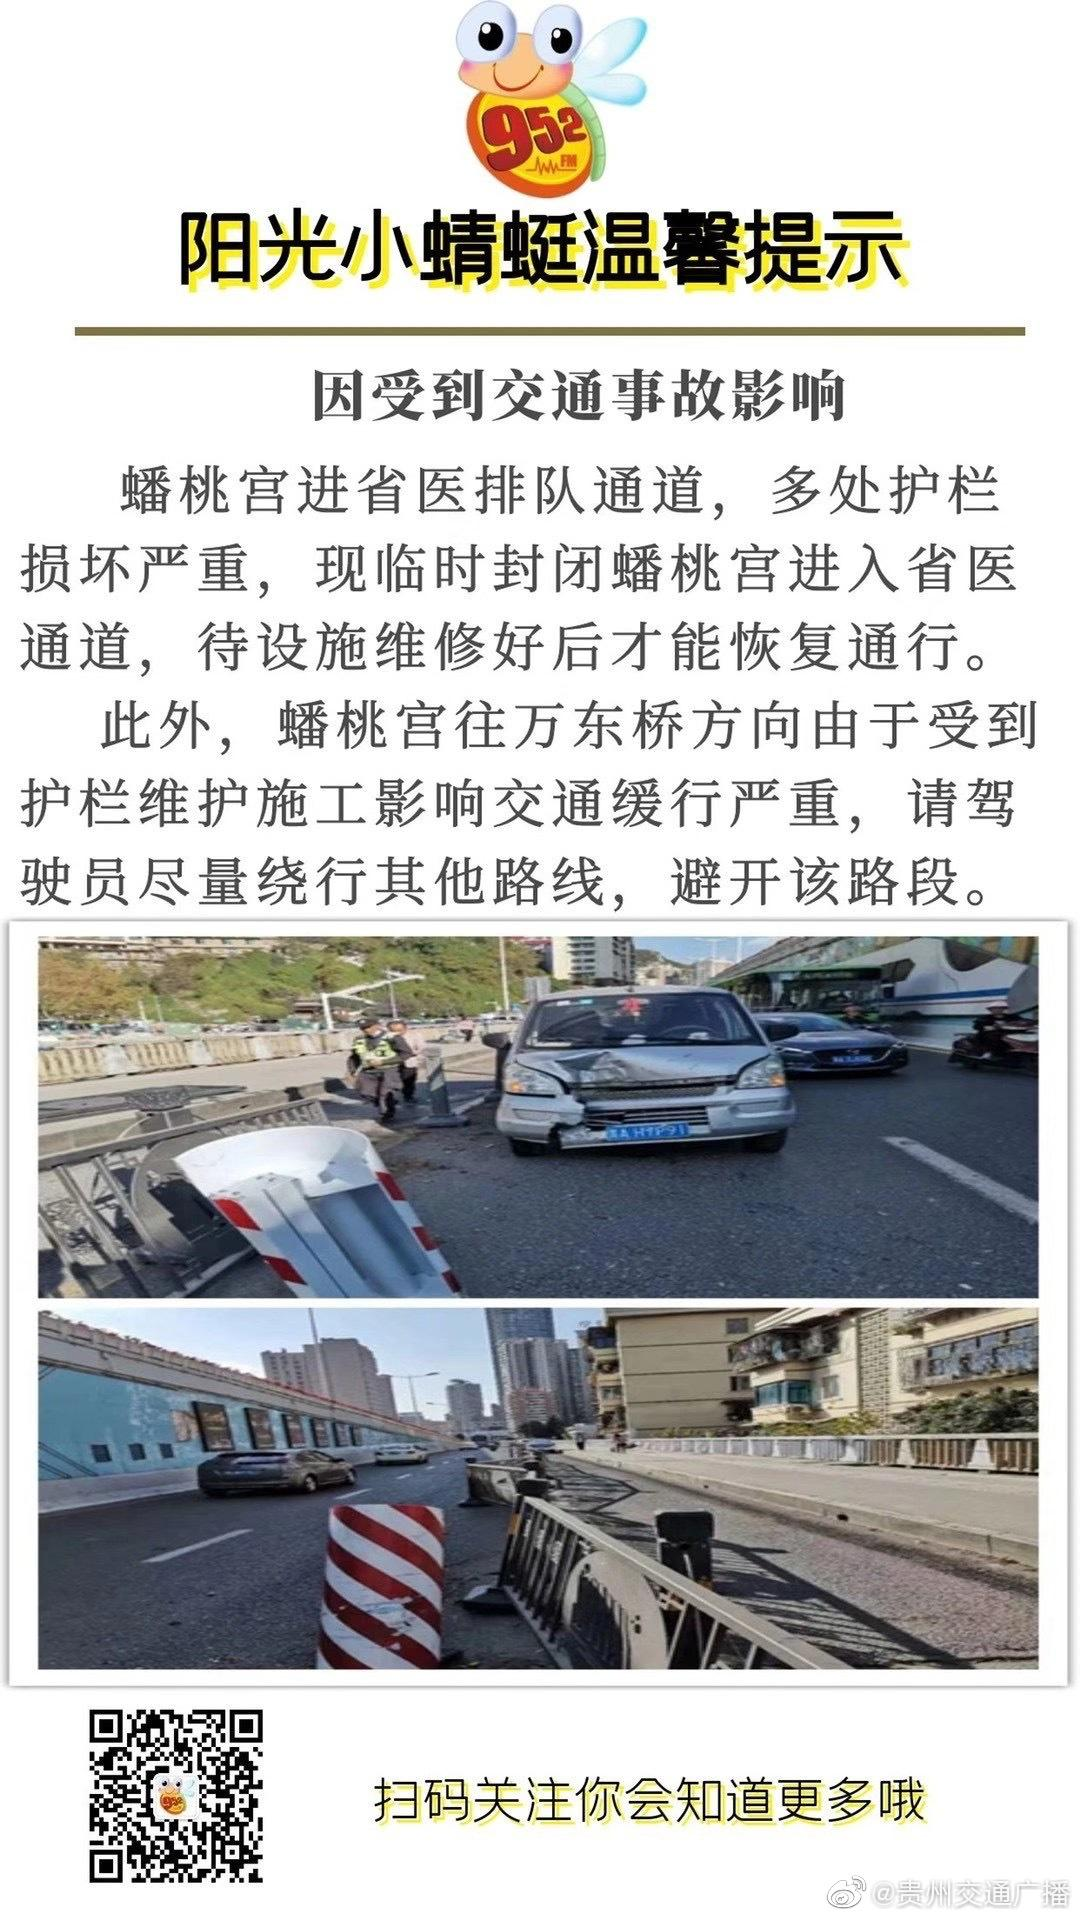 因受到交通事故影响,蟠桃宫进省医排队通道,多处护栏损坏严重……